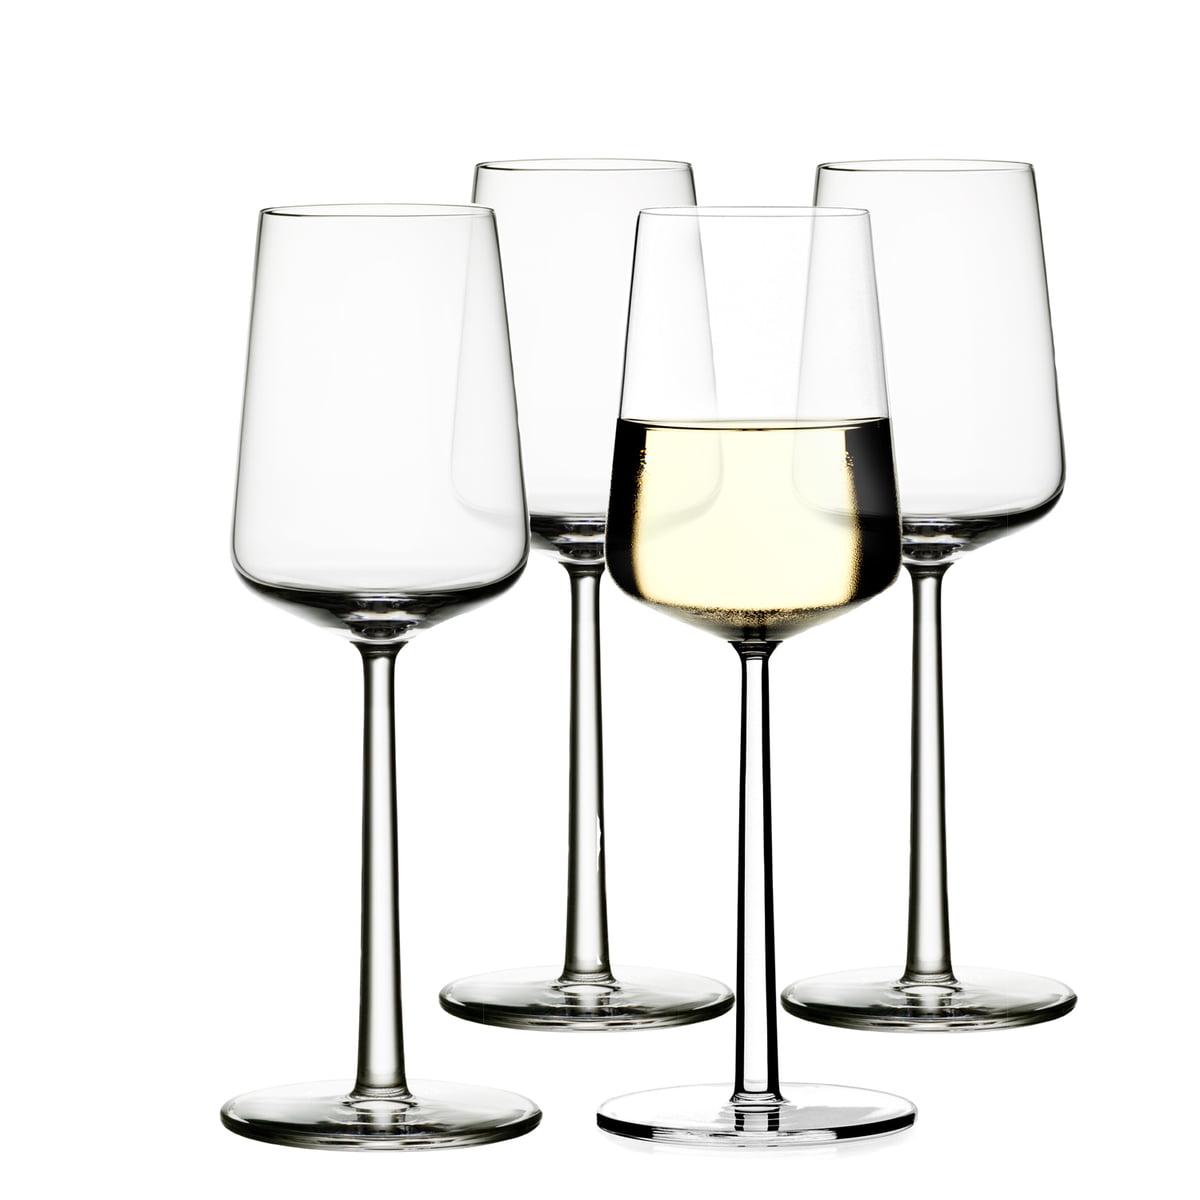 Iittala - Essence Weißwein-Glas, 33 cl (4er Set)